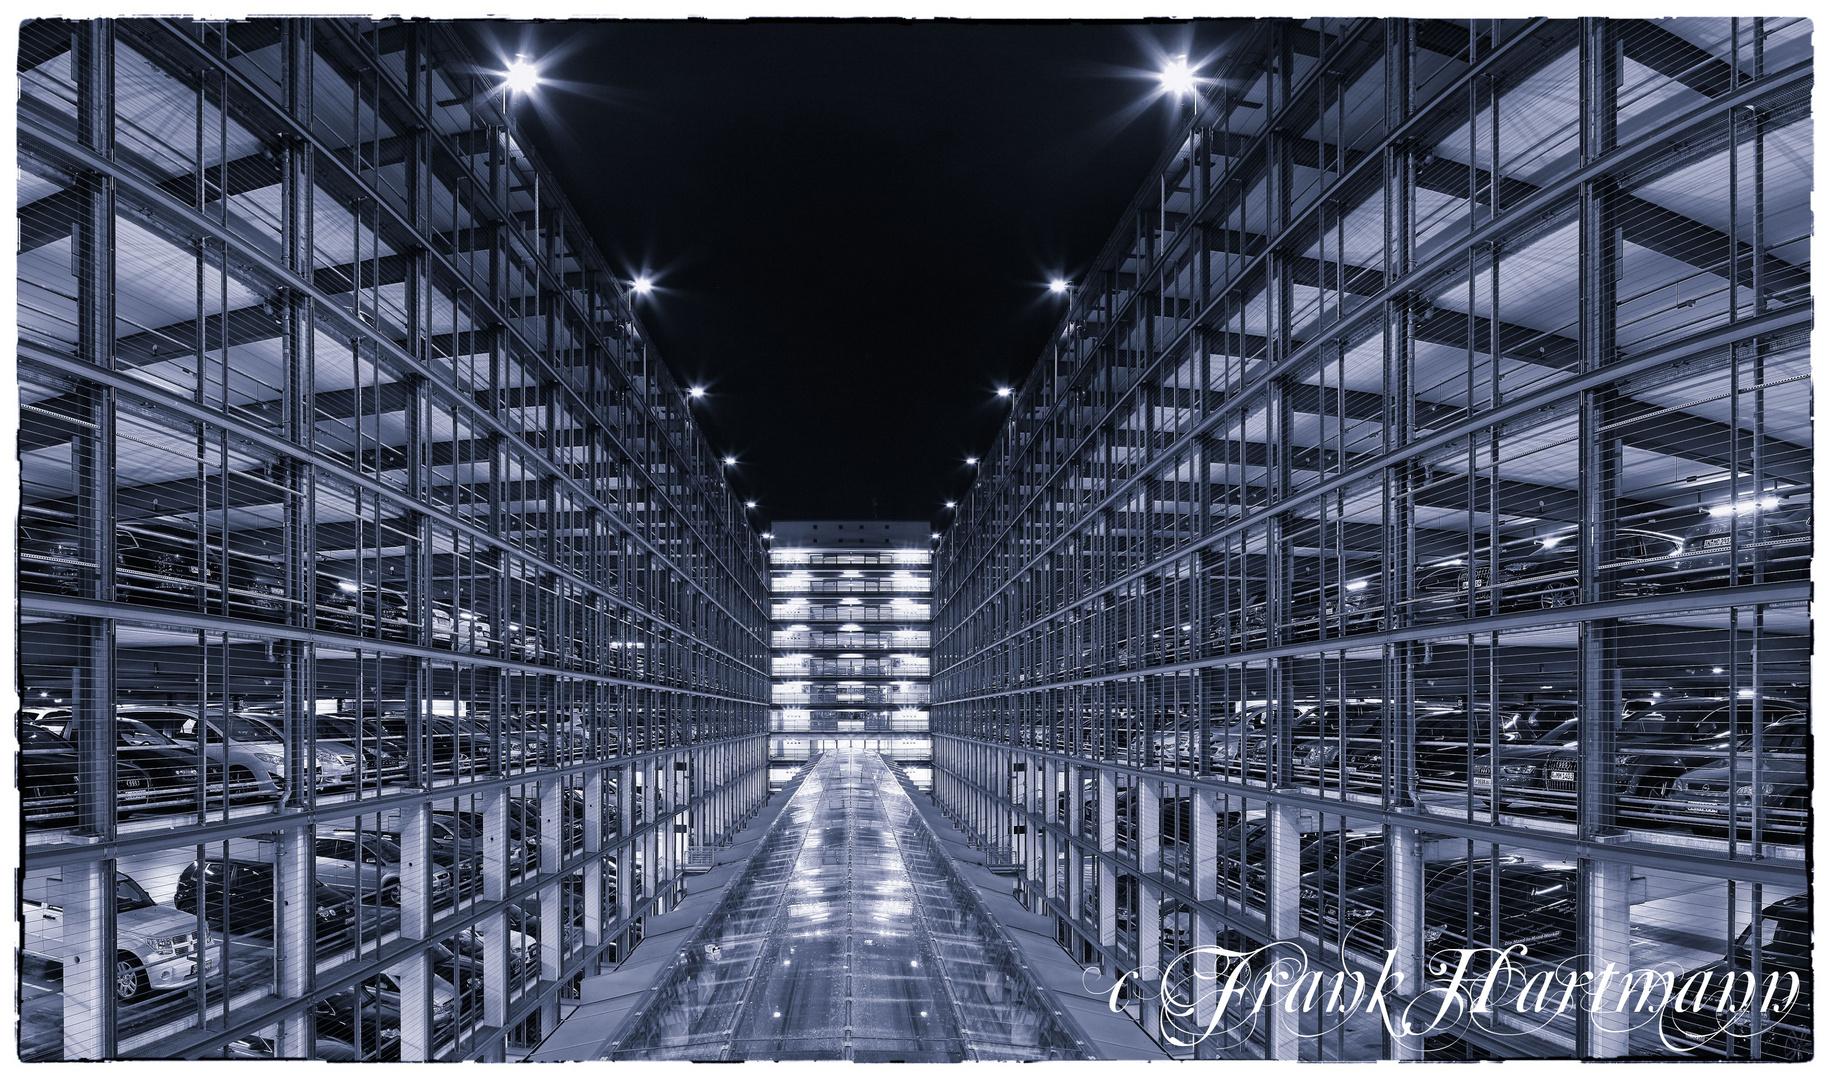 Projekt Flughafen Muc bei Nacht IV